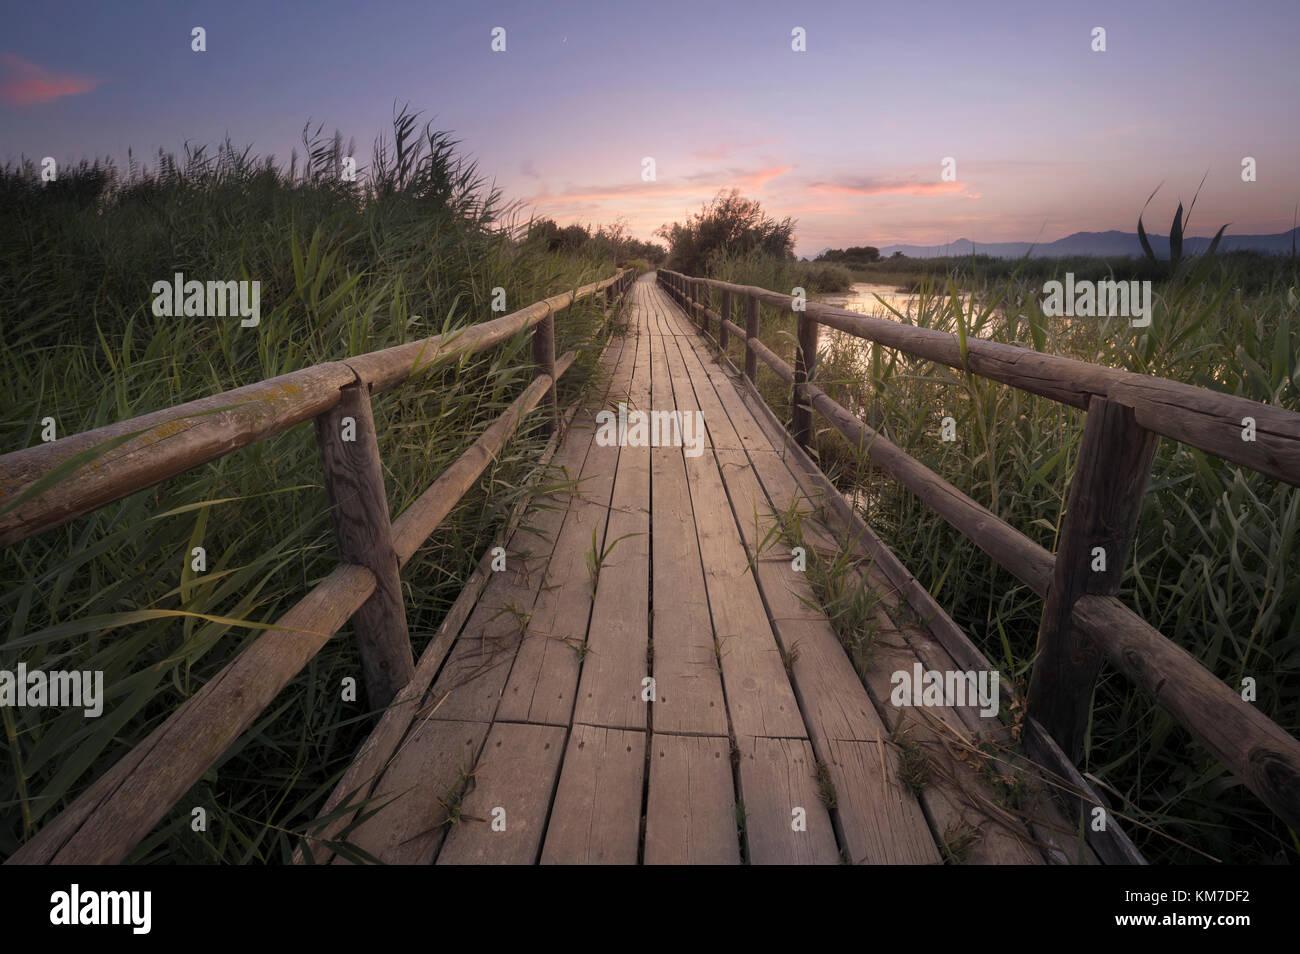 Fotografía artística de un sendero de madera al atardecer en un pantano en la provincia de Alicante, España. Foto de stock